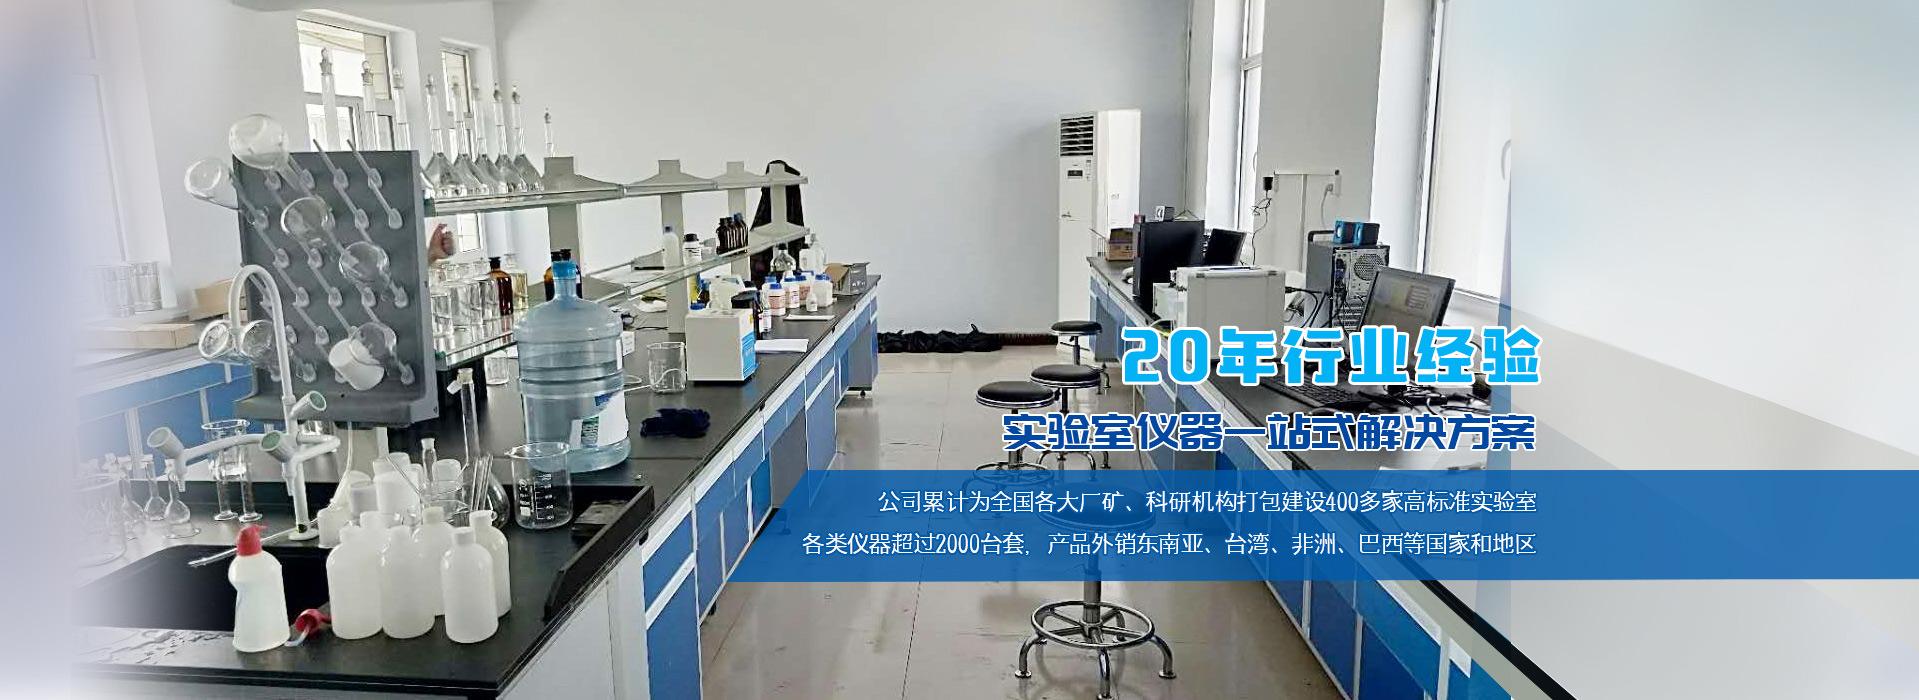 工业硅分析仪